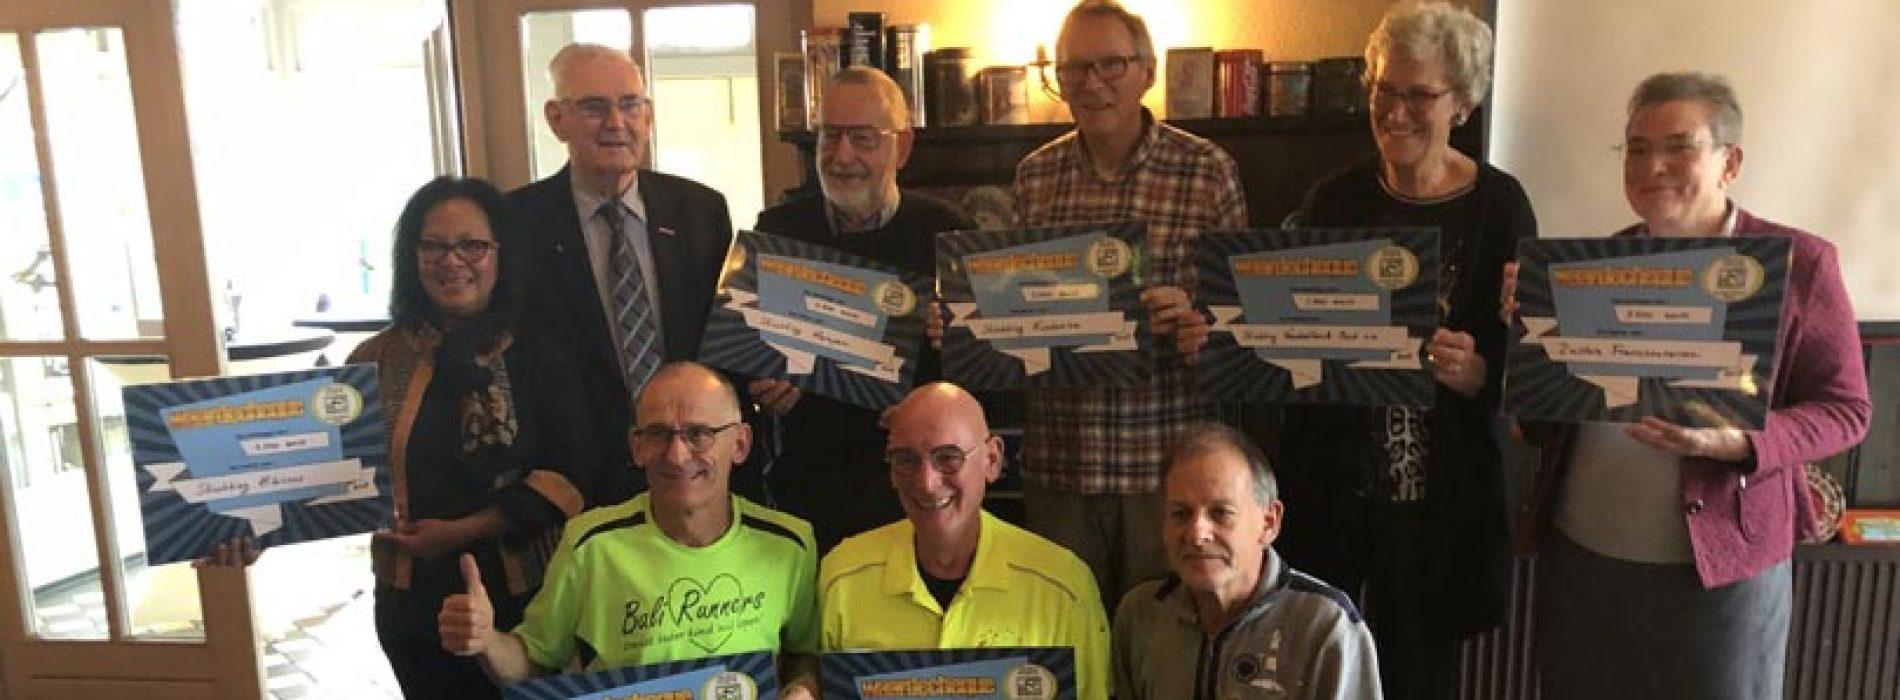 Donatie Kringloop Handmelken Best